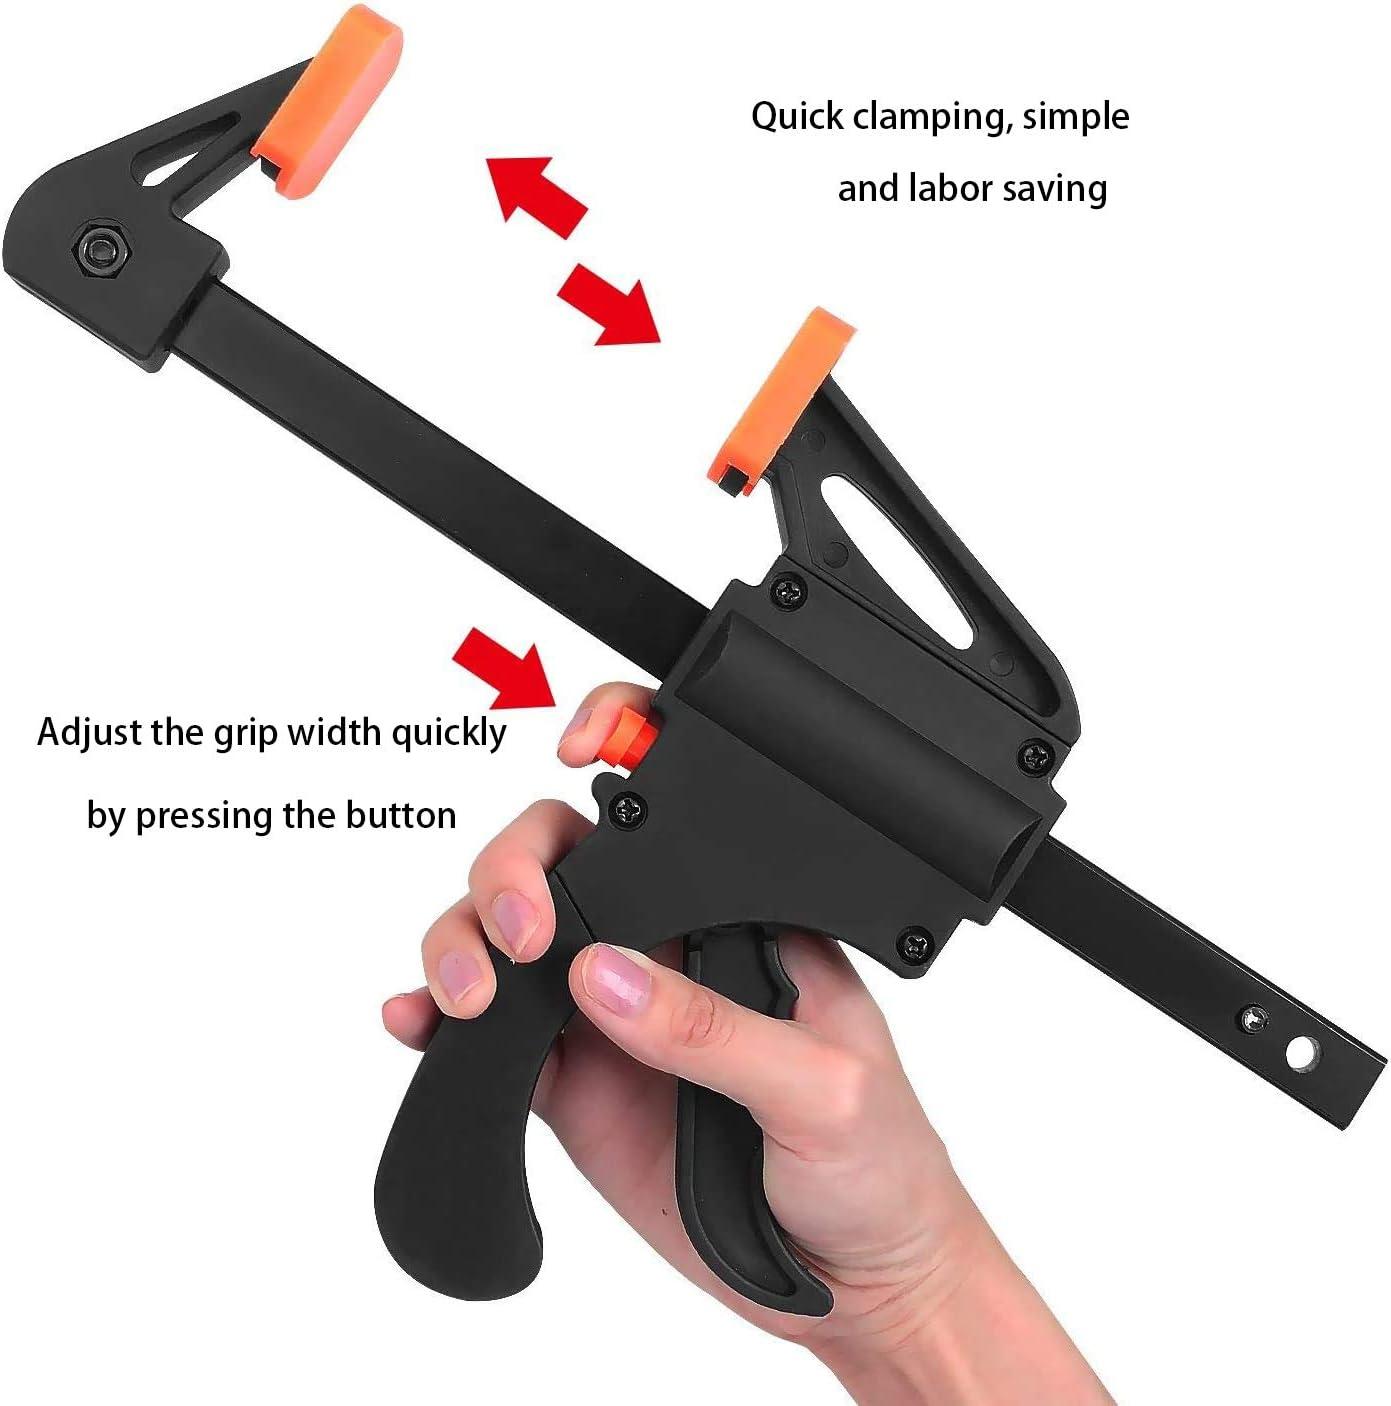 Lavoro Manuale 8 Pezzi Morsetto da Falegname una Mano a Mano Fai Ecc 4 inch Clip di Legno Falegname Strumento Grip Quick Release a Cricchetto per Lavorazione del Legno